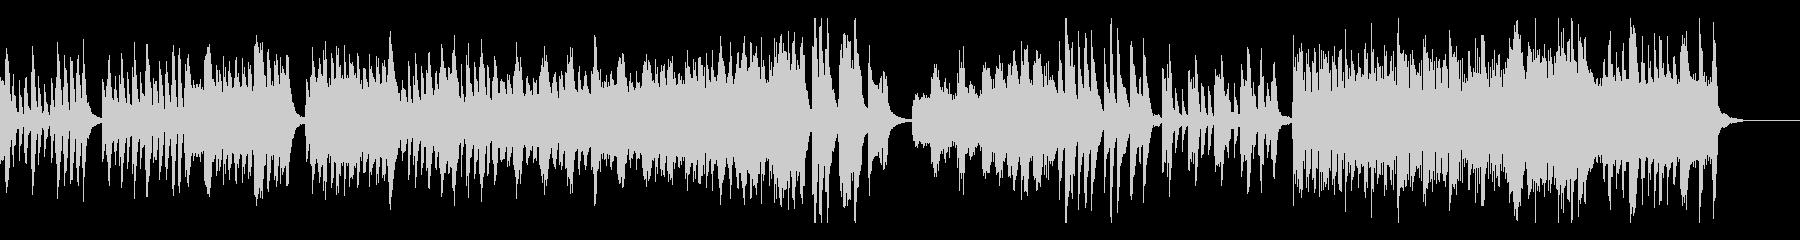 ハイドンのピアノソナタ第35番・第1楽章の未再生の波形